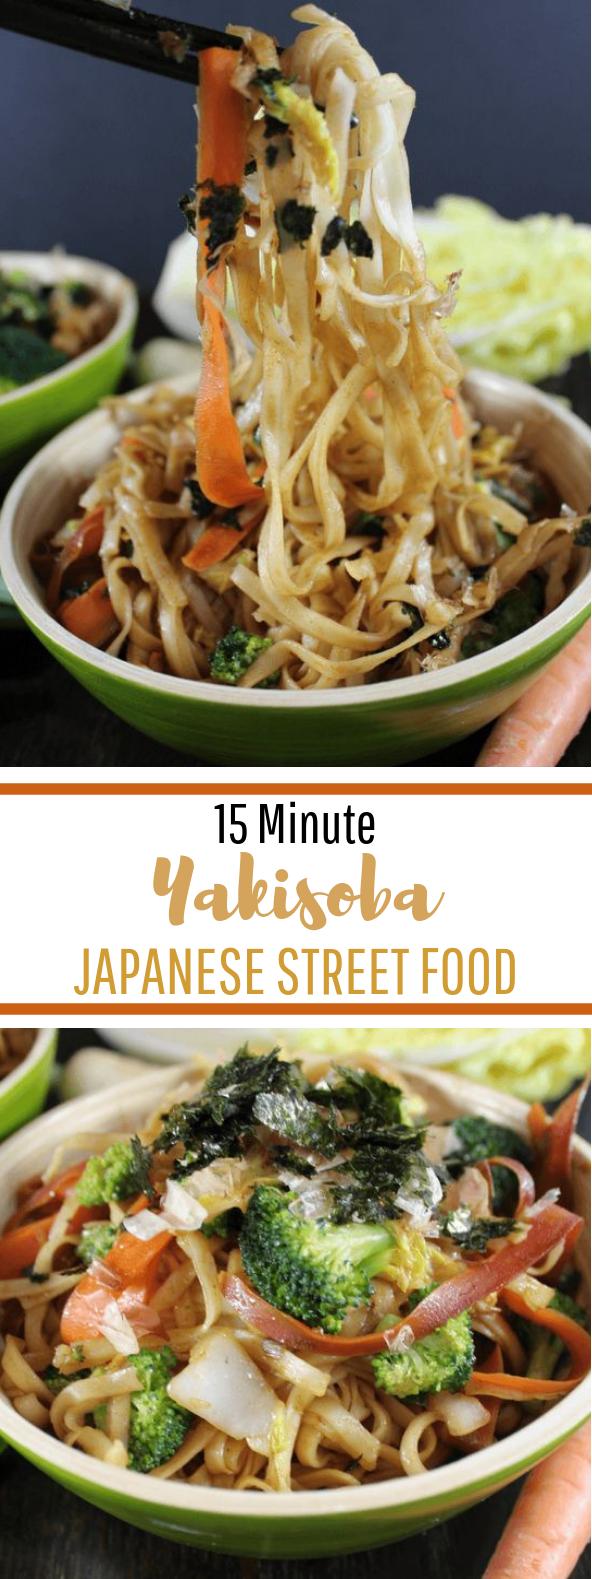 15 Minute Yakisoba #streetfood #japaneserecipe